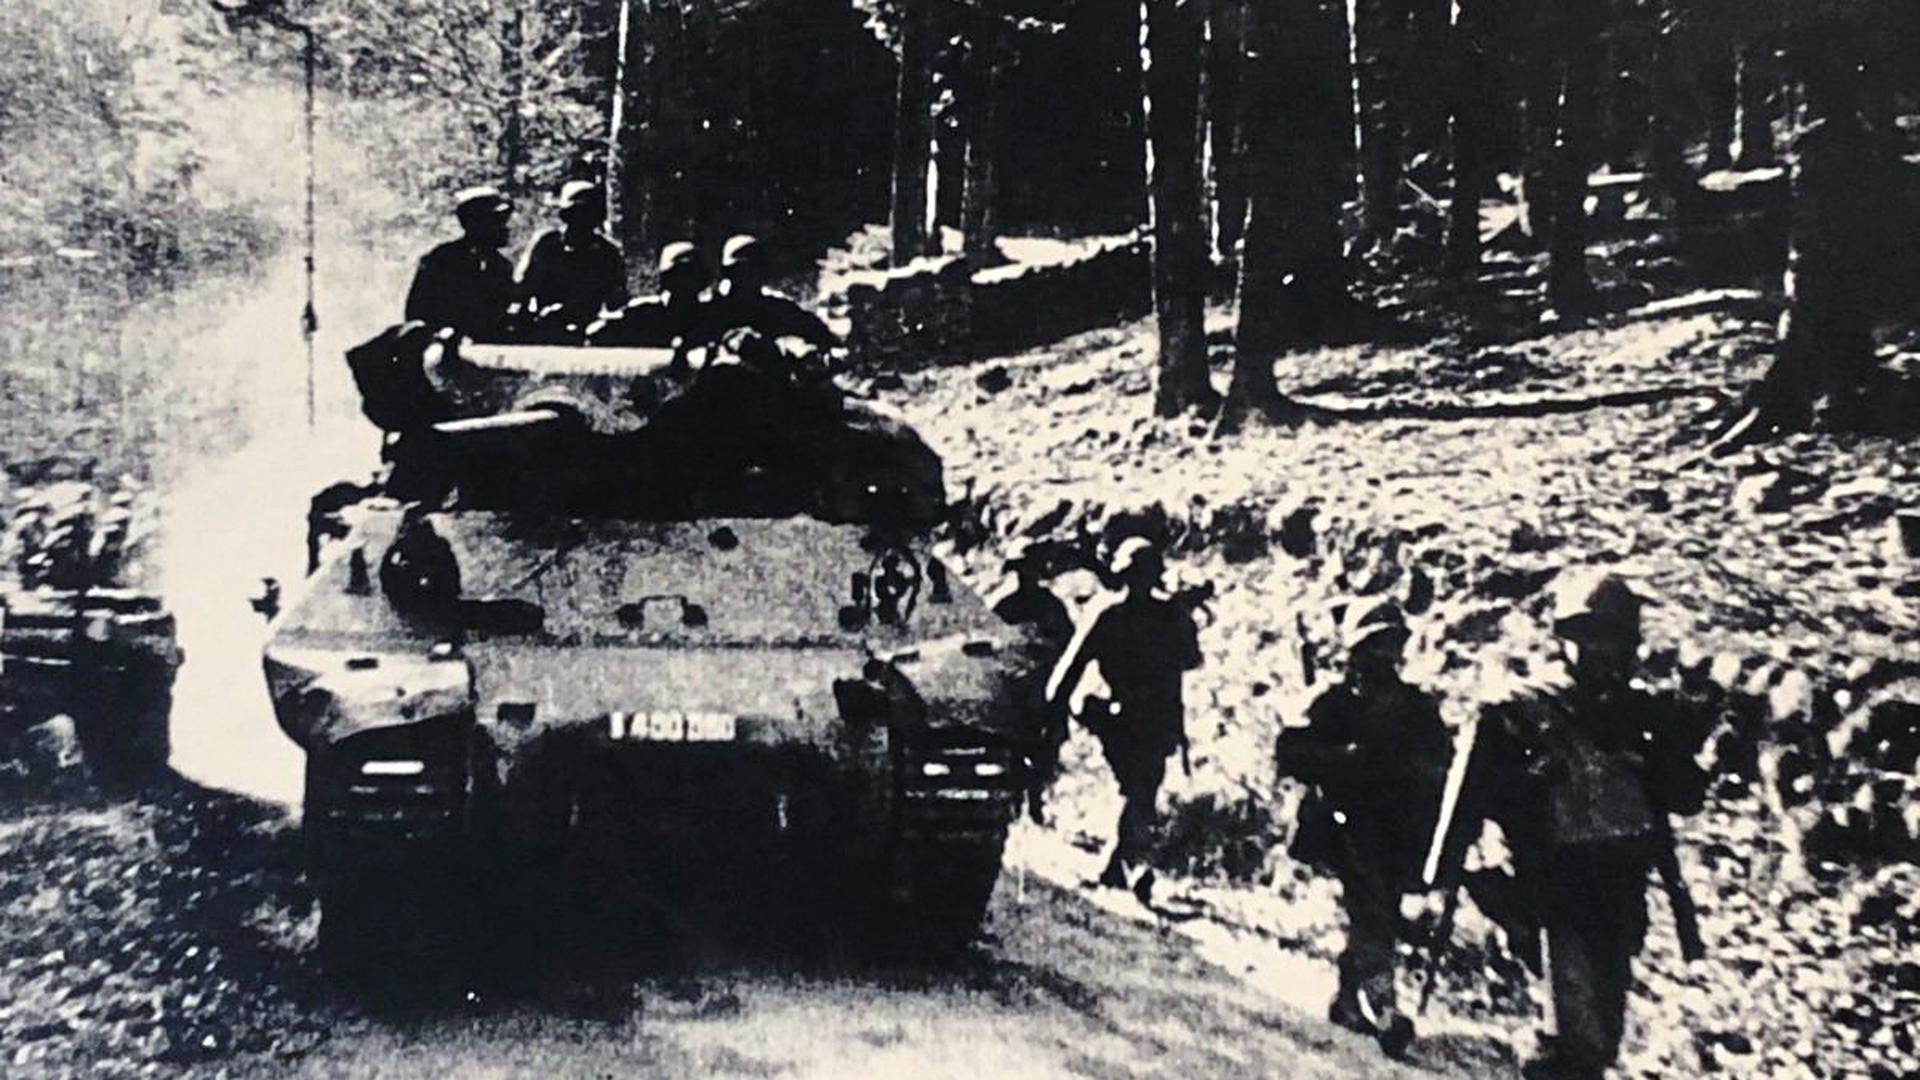 """Mit Panzern rücken Besatzungskräfte im Albtal vor. Das Foto ist auf der Titelseite des Buchs """"Die Karlsbader Orte im Krieg"""" zu sehen, das die Heimatforscherin Hildegard Ried 2001 veröffentlicht hat. Am 8. April erreichten französische Truppen Karlsbad."""